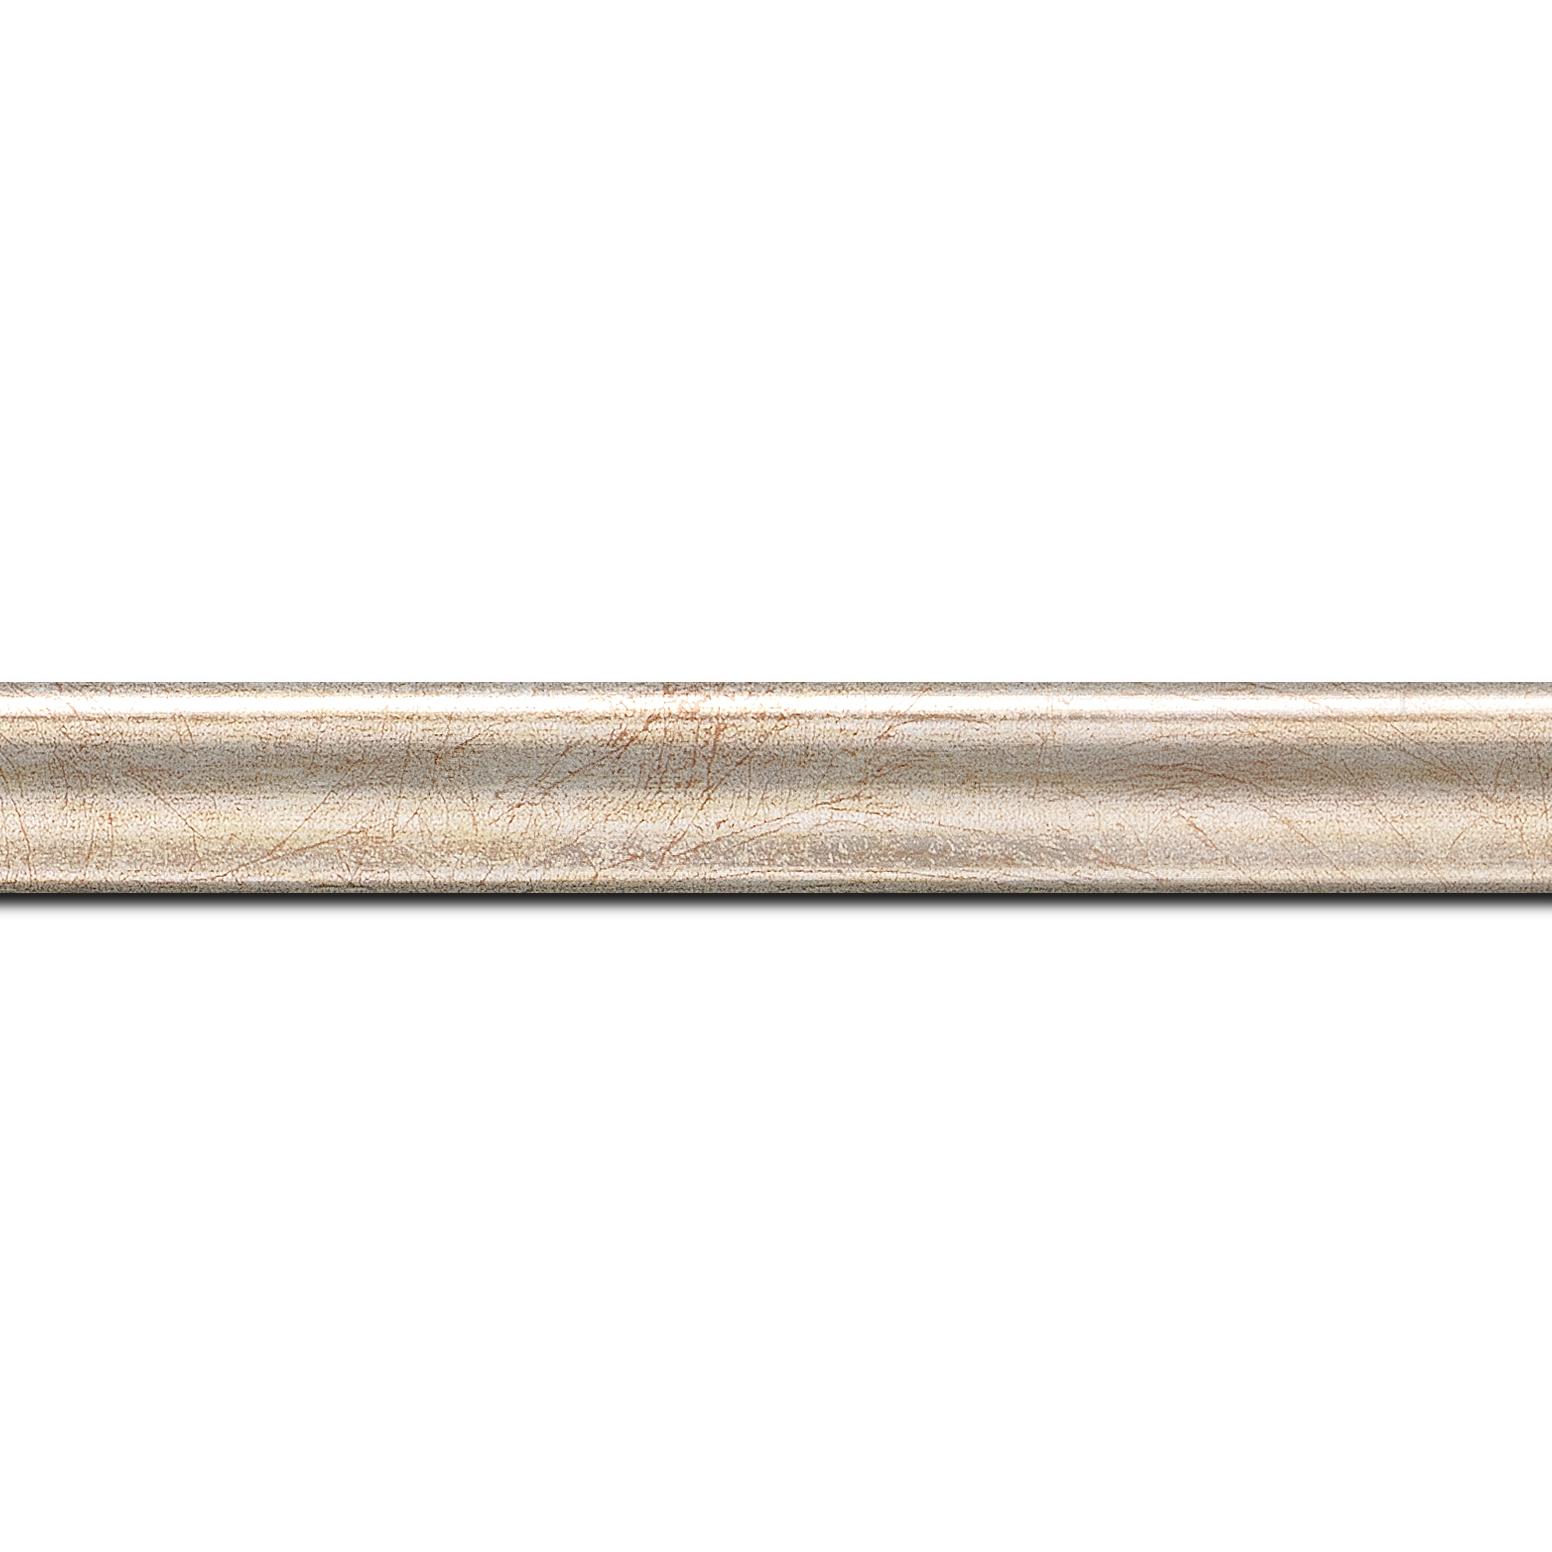 Pack par 12m, bois profil incurvé largeur 2.1cm argent chaud satiné (longueur baguette pouvant varier entre 2.40m et 3m selon arrivage des bois)